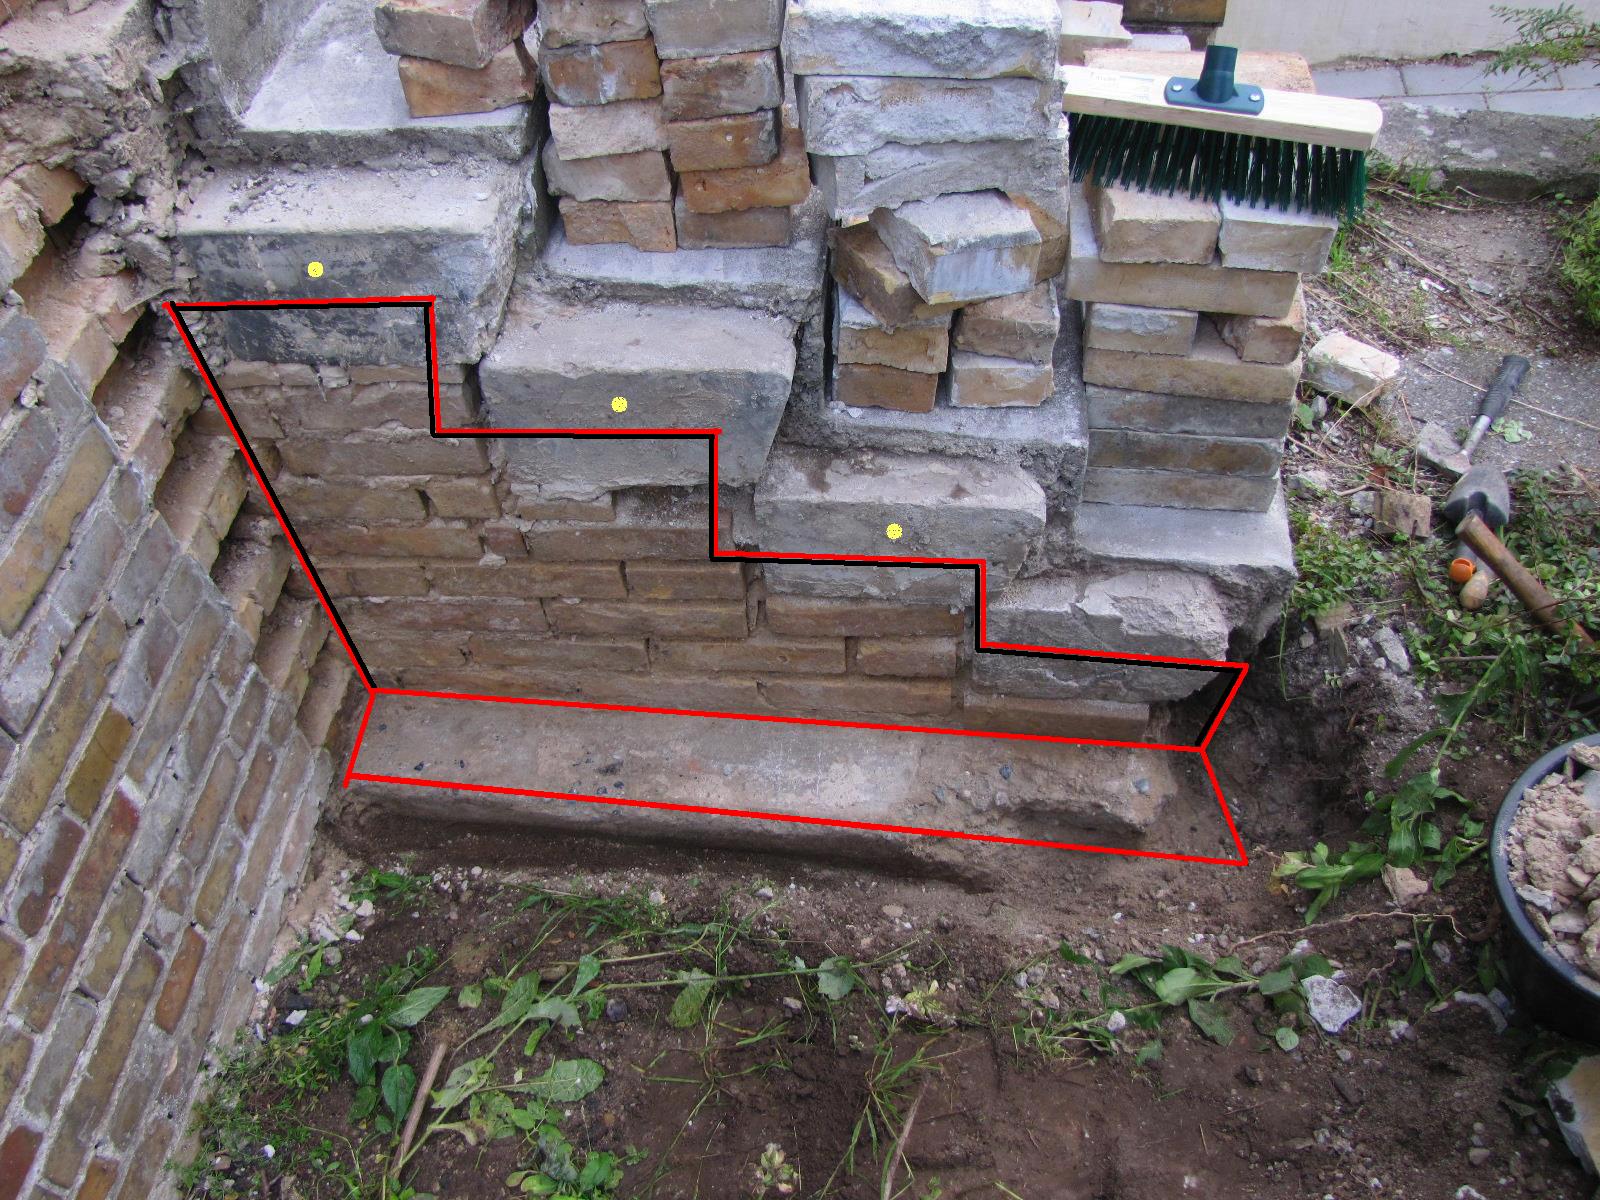 #B21919 Dette års Renovering Af Mur Langs Trappe Lav Det Selv.dk Forum Gør Det Selv Tæppe På Trappe 6141 160012006141